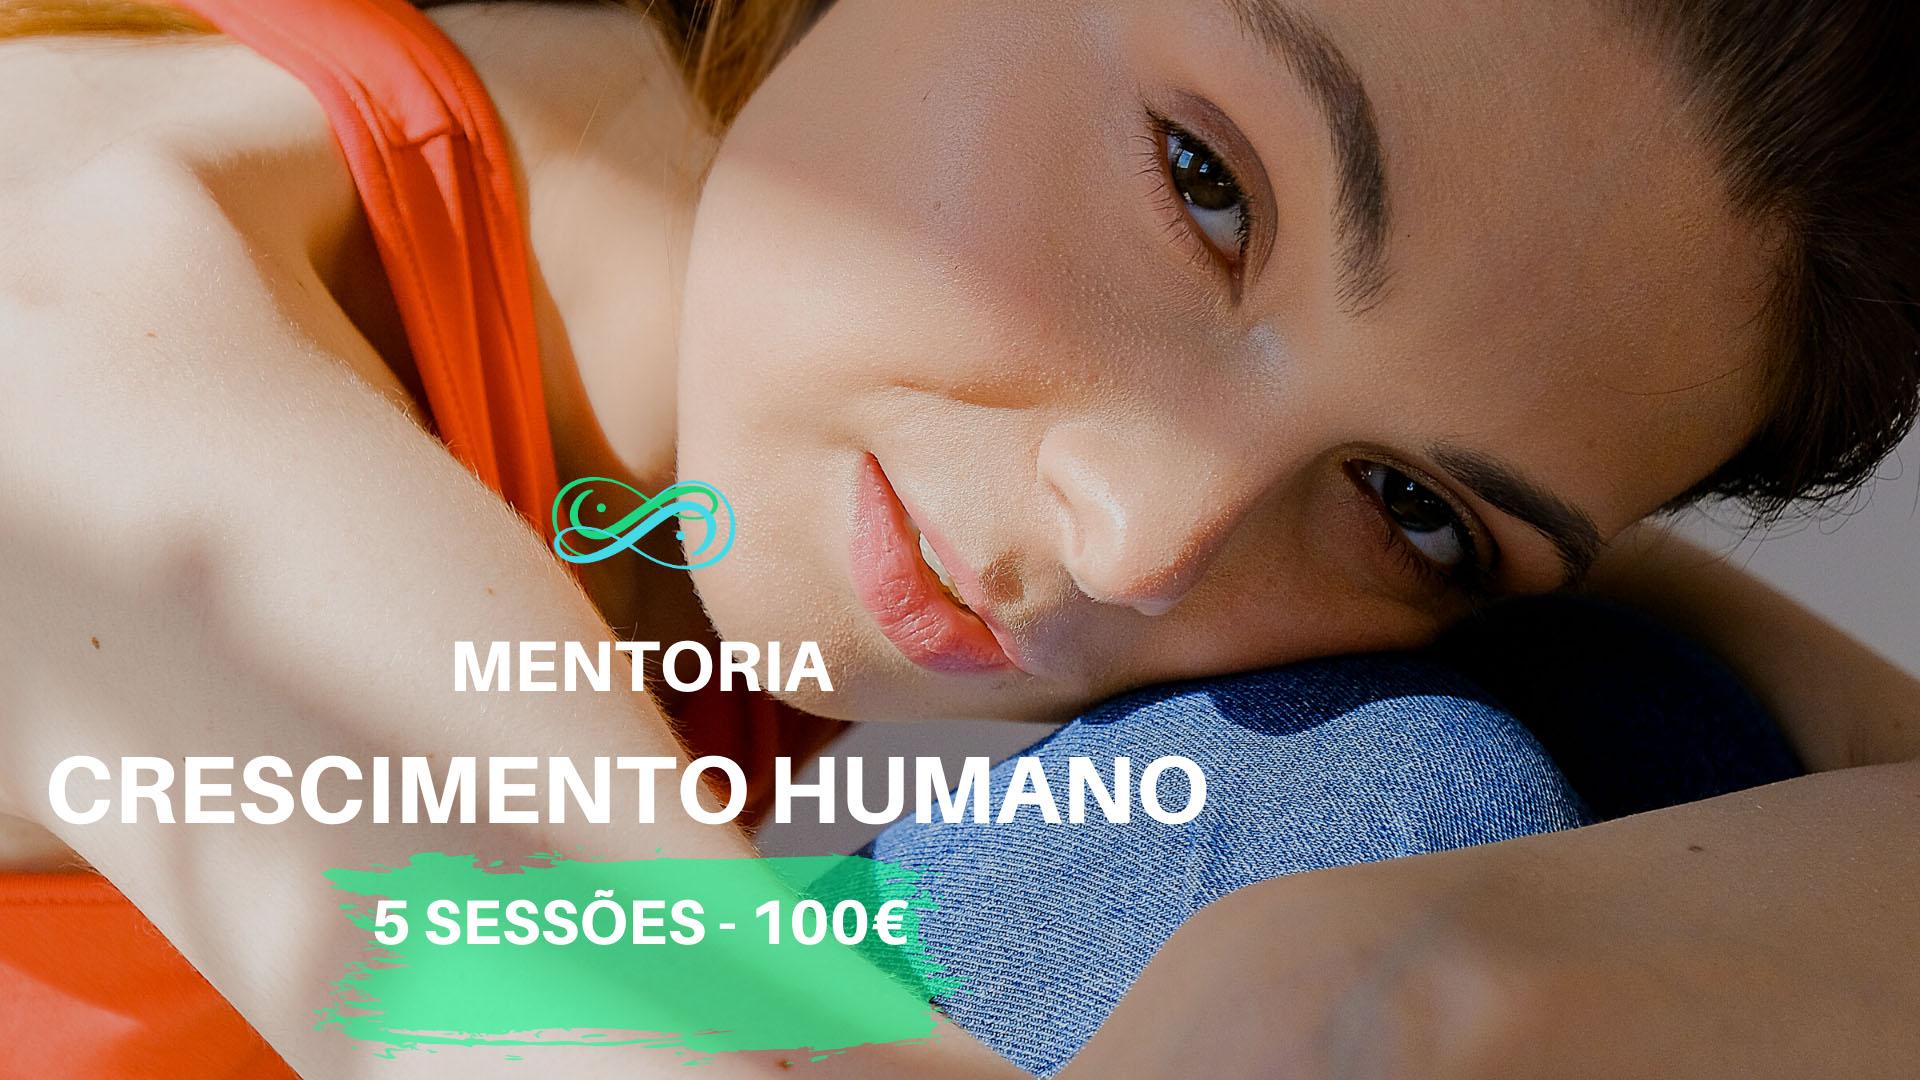 Mentoria Crescimento humano